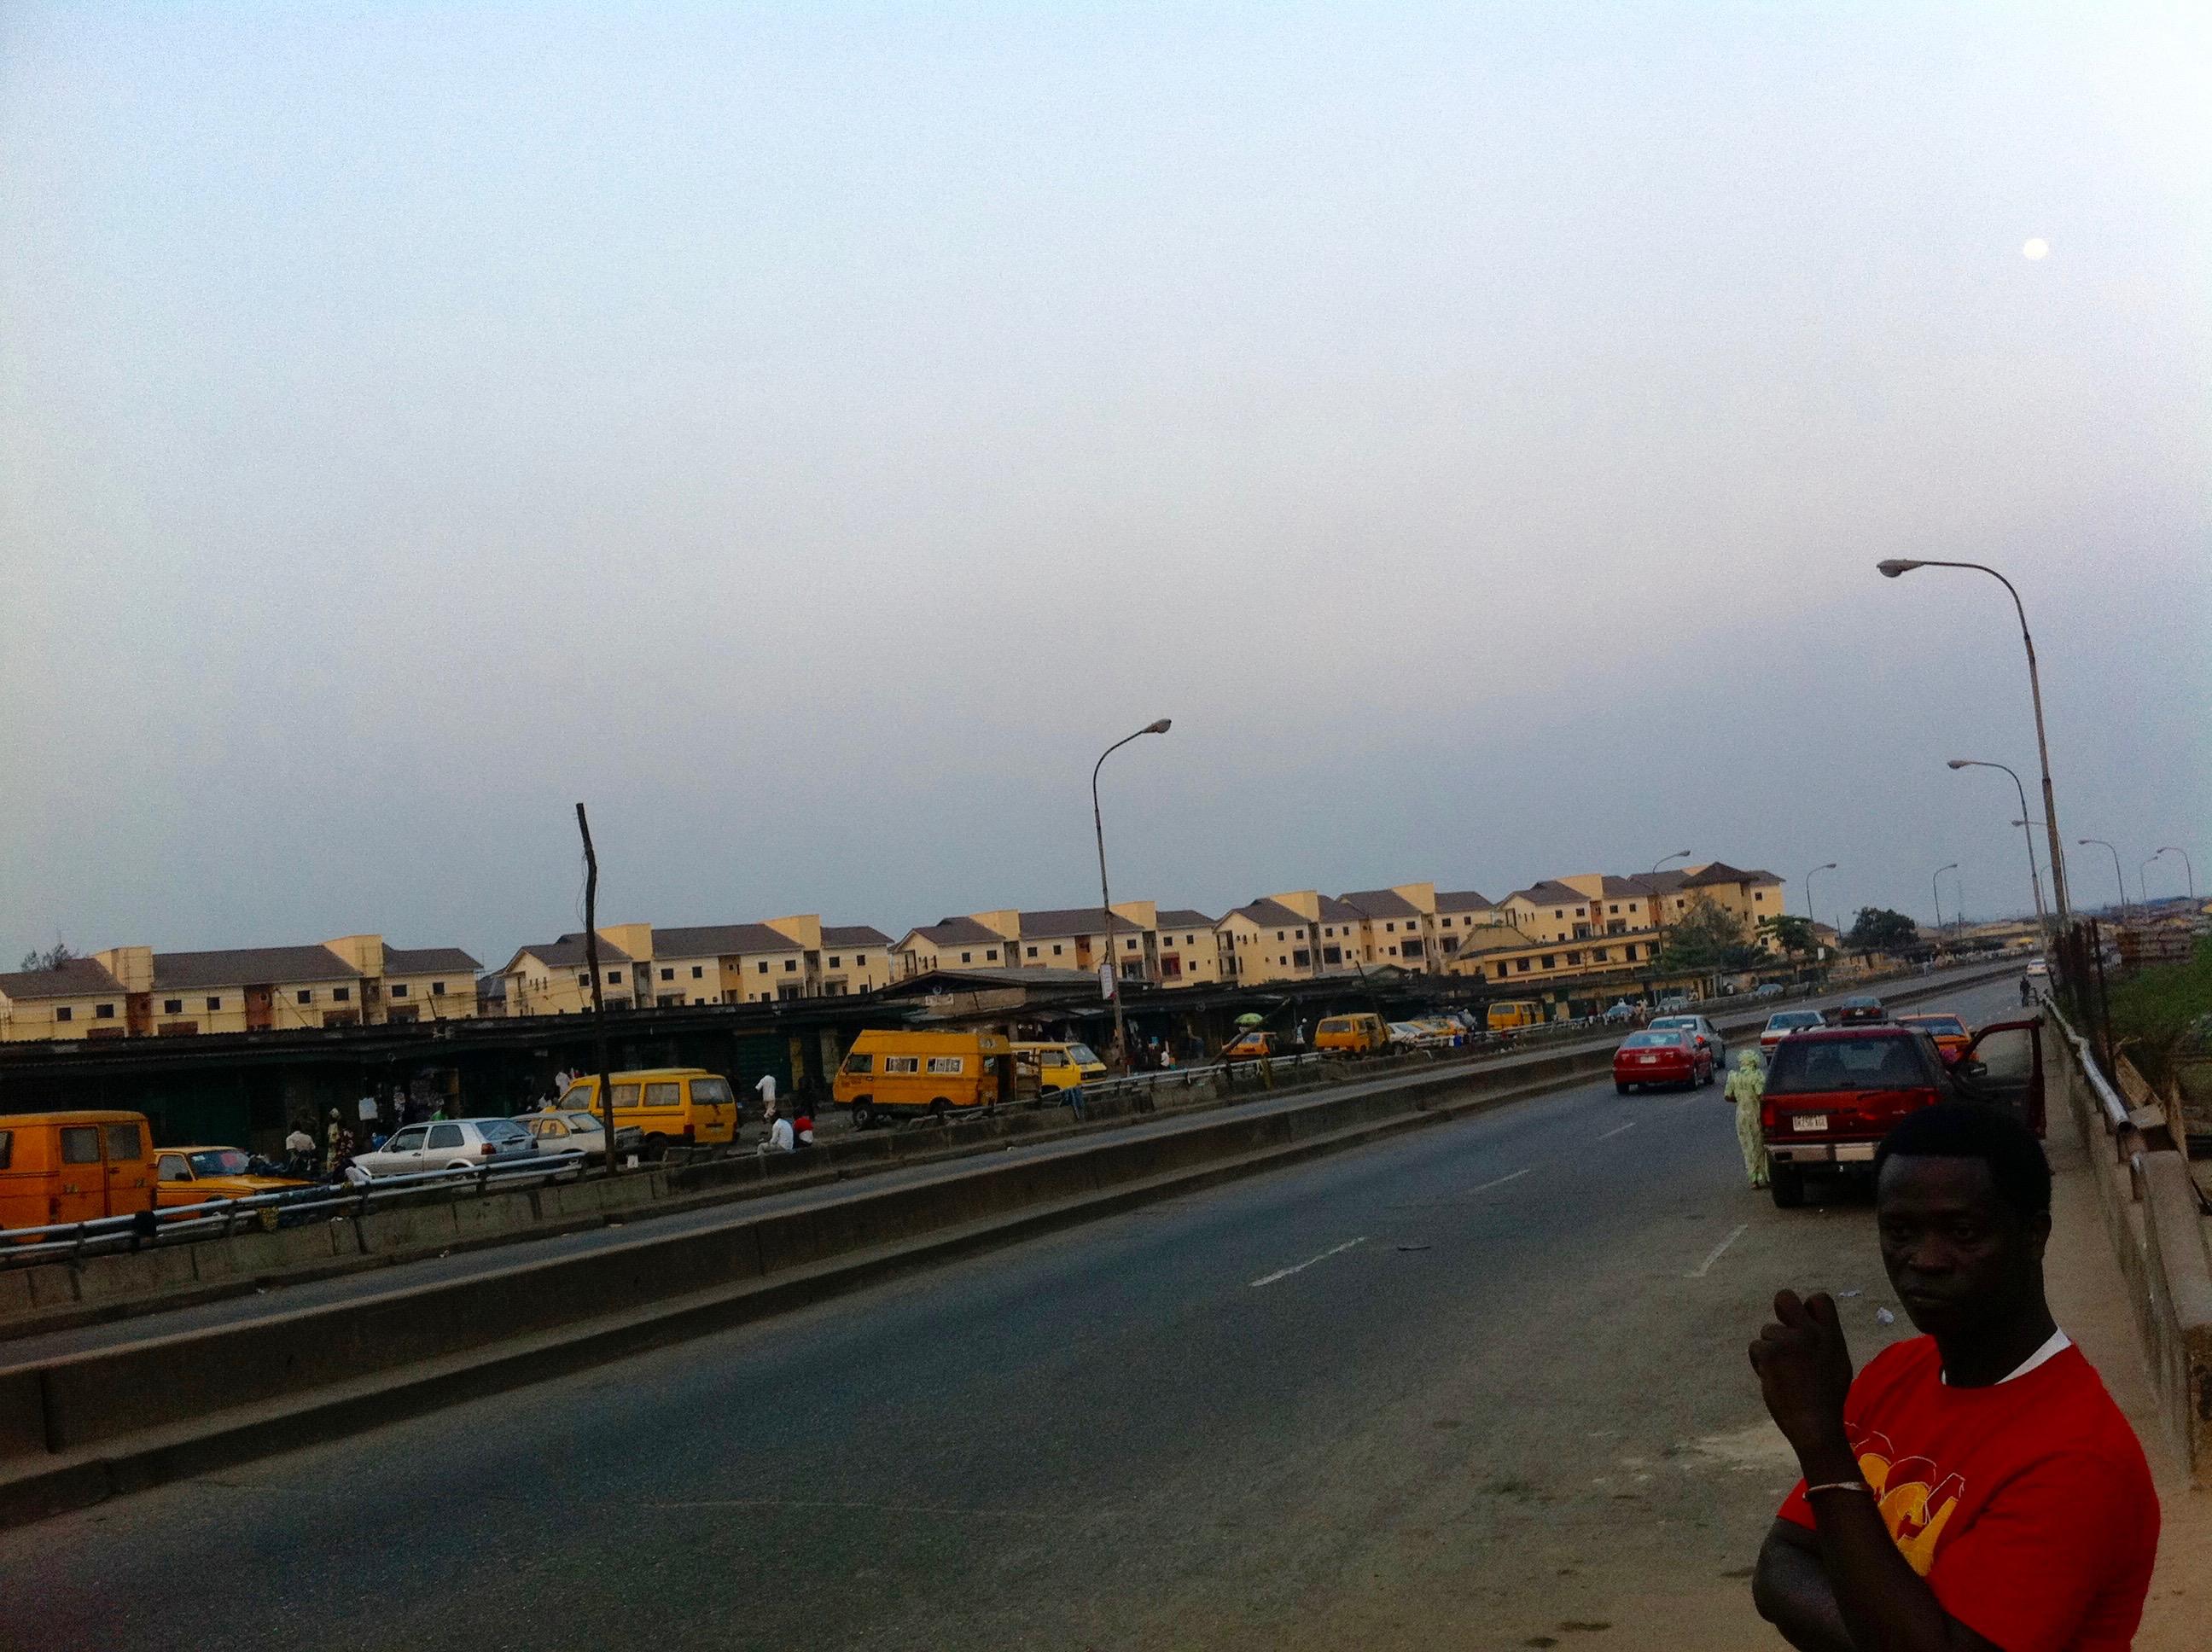 Lagos, Nigeria. #JujuFilms